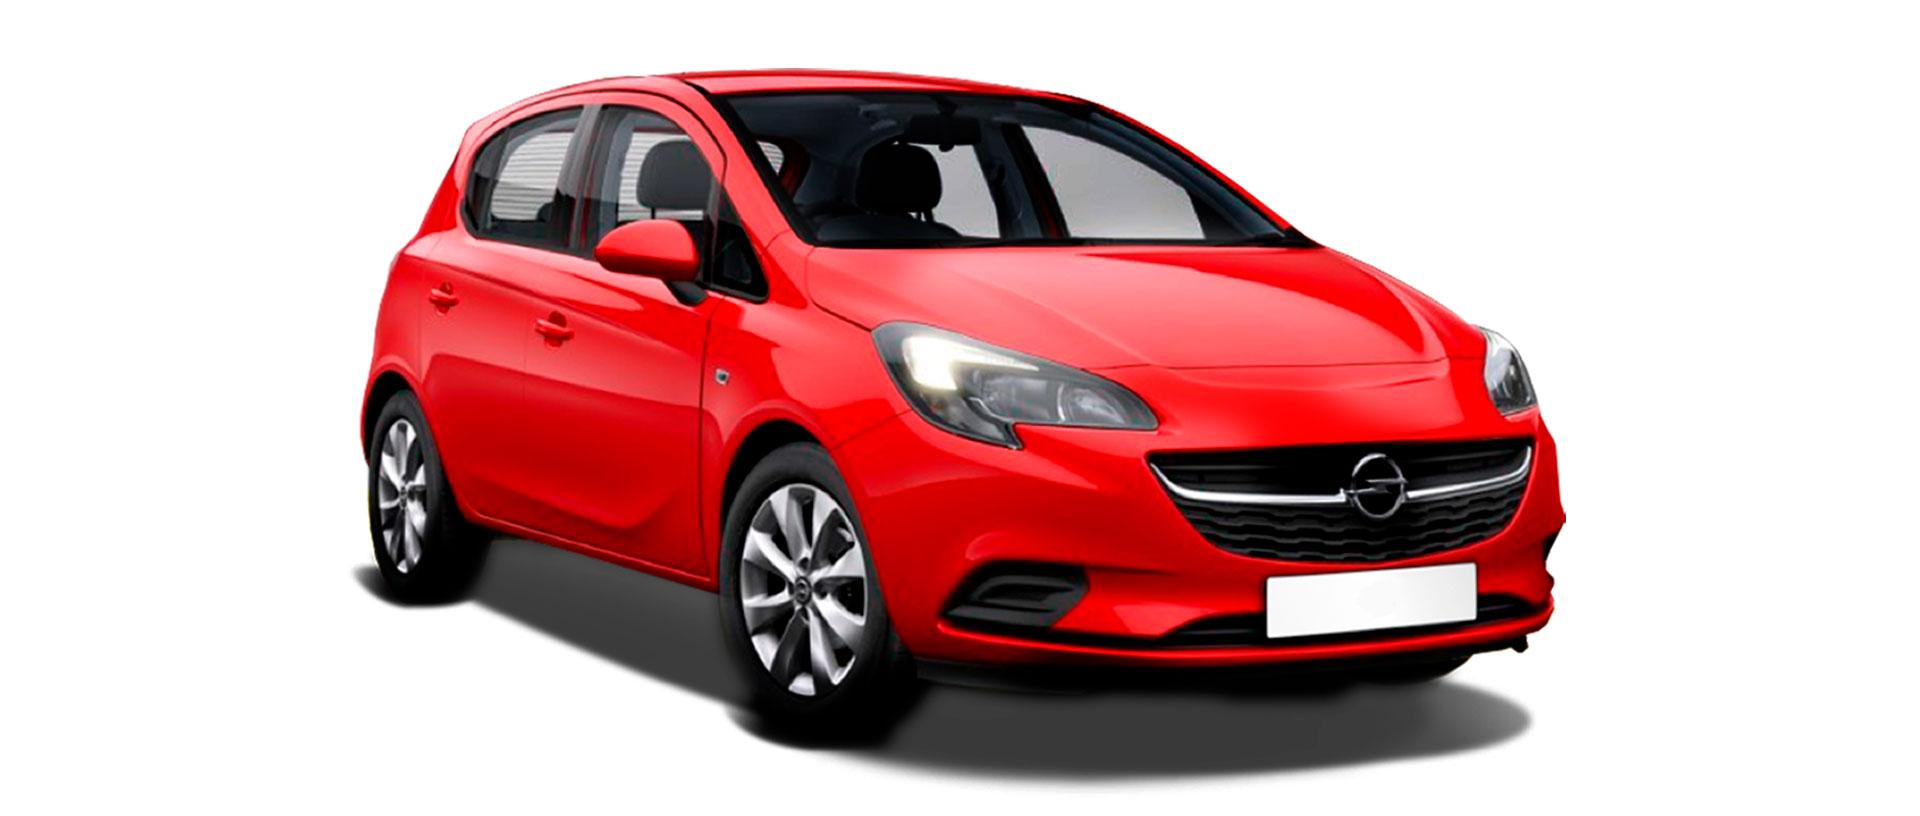 Alquiler de un Opel Corsa